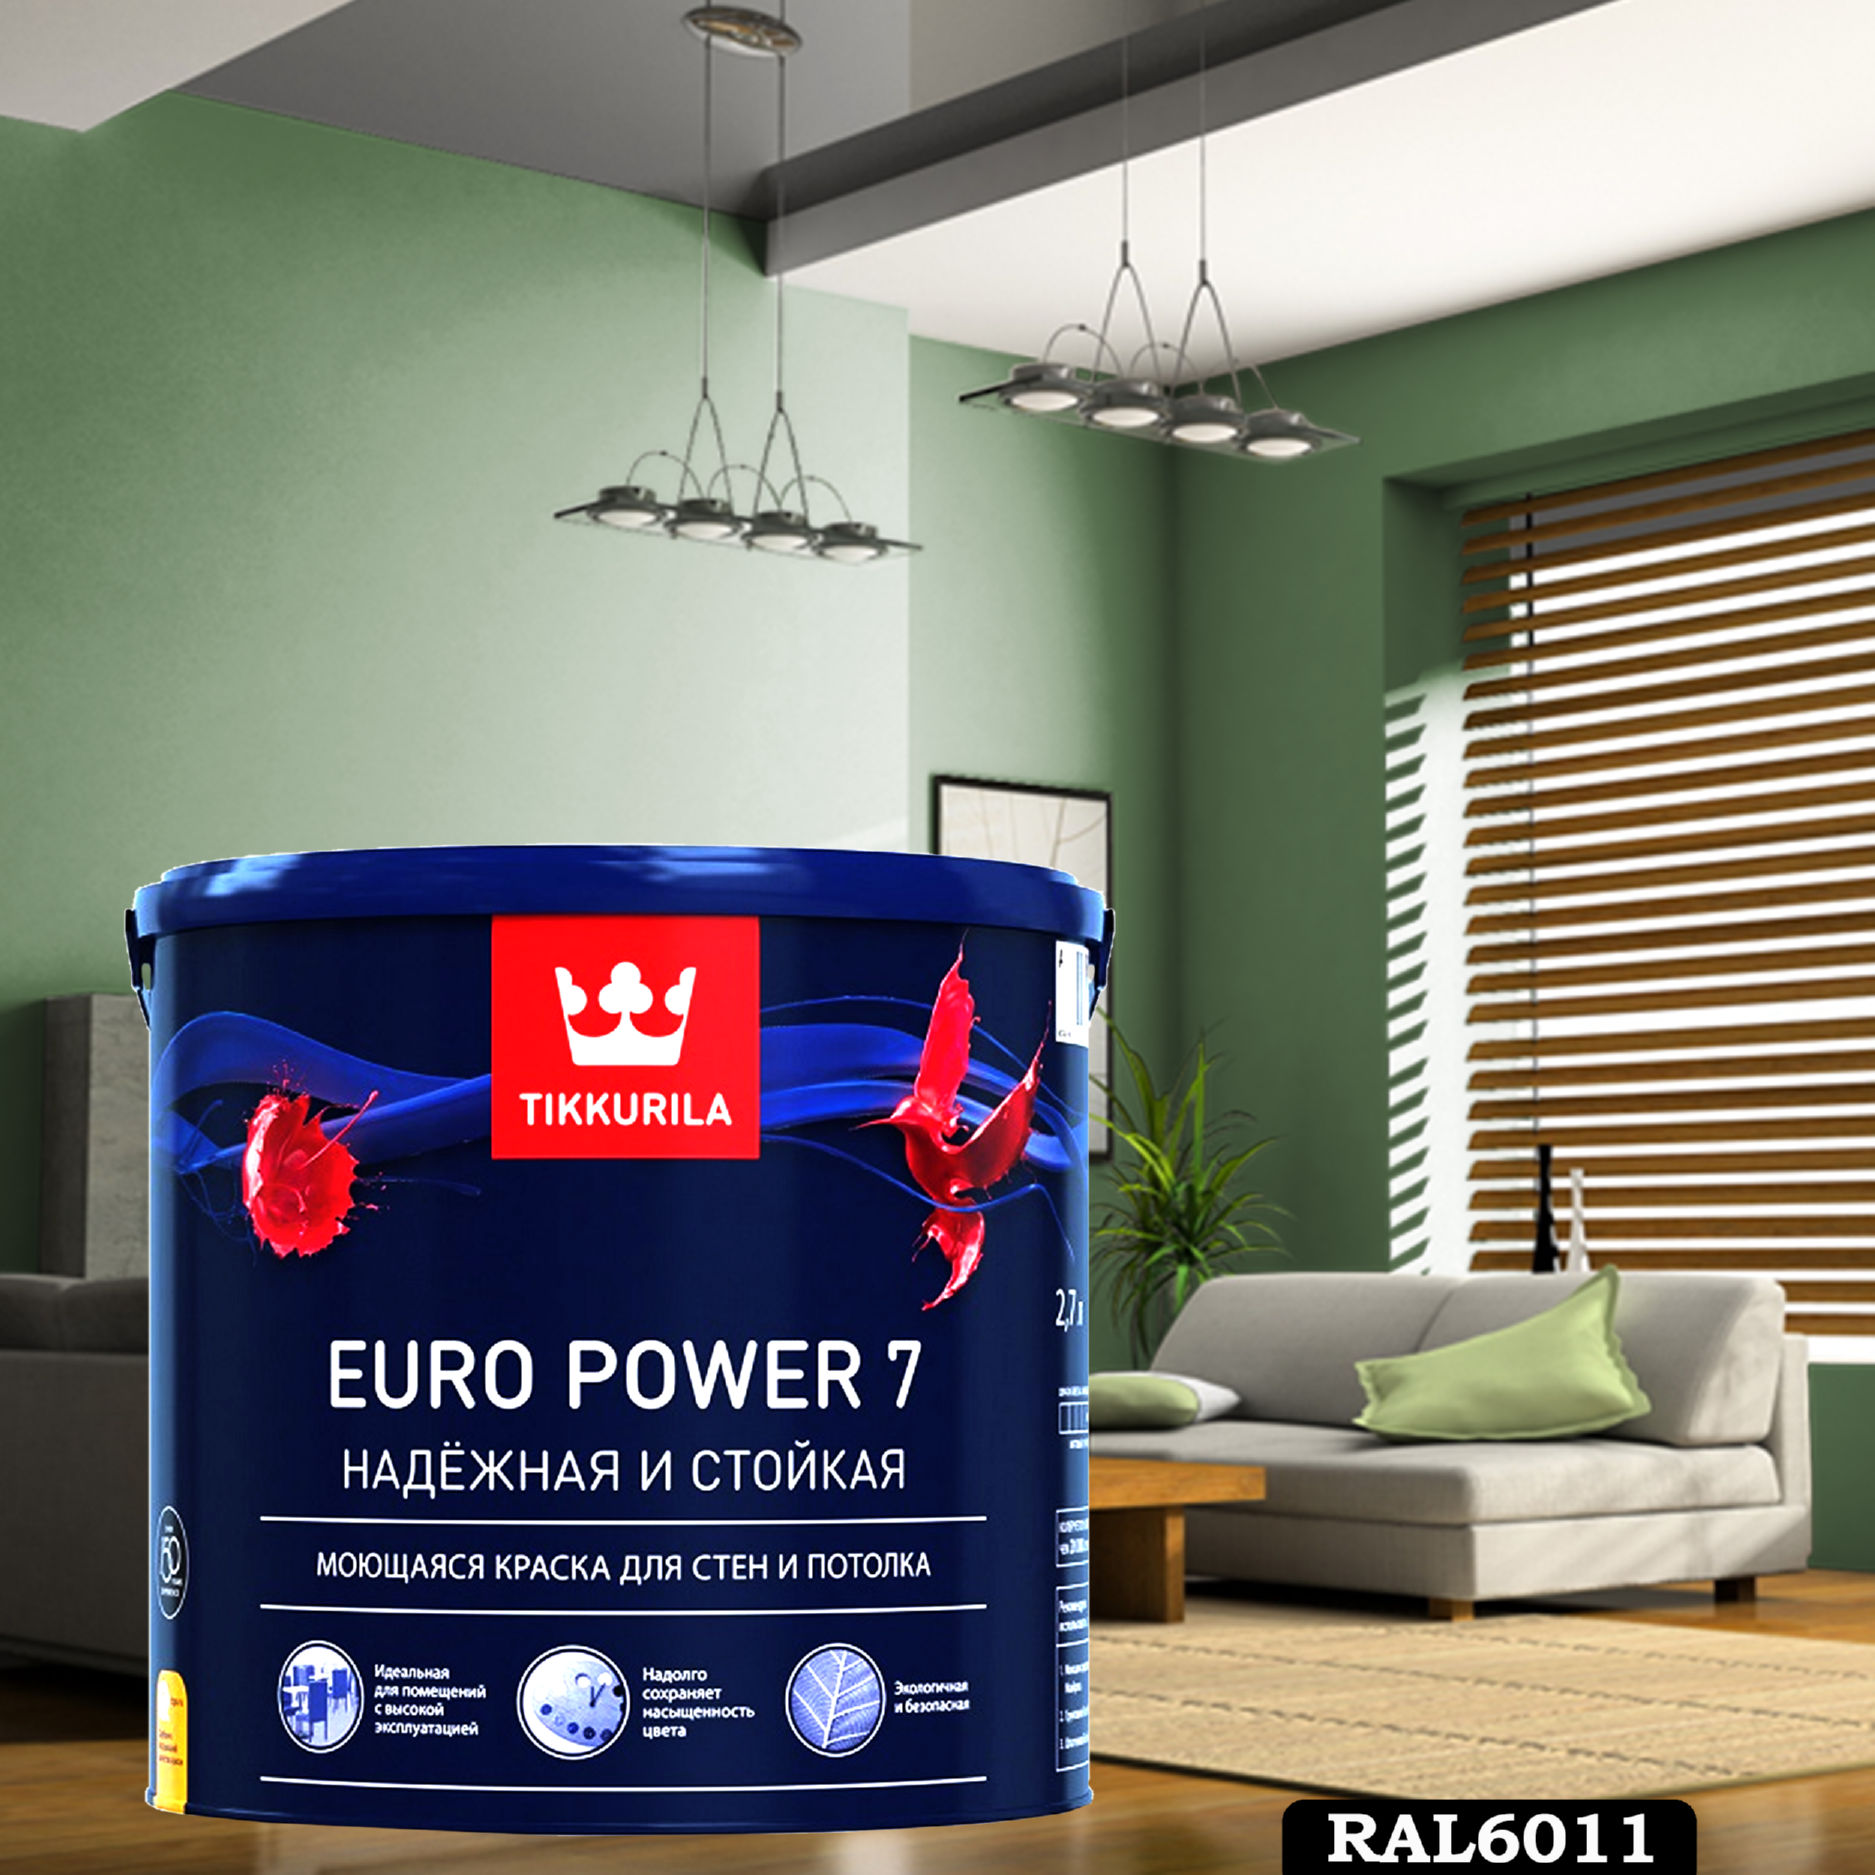 Фото 12 - Краска TIKKURILA Euro Power 7,  RAL 6011 Зеленая-резеда, латексная моющаяся матовая интерьерная, 9 л.